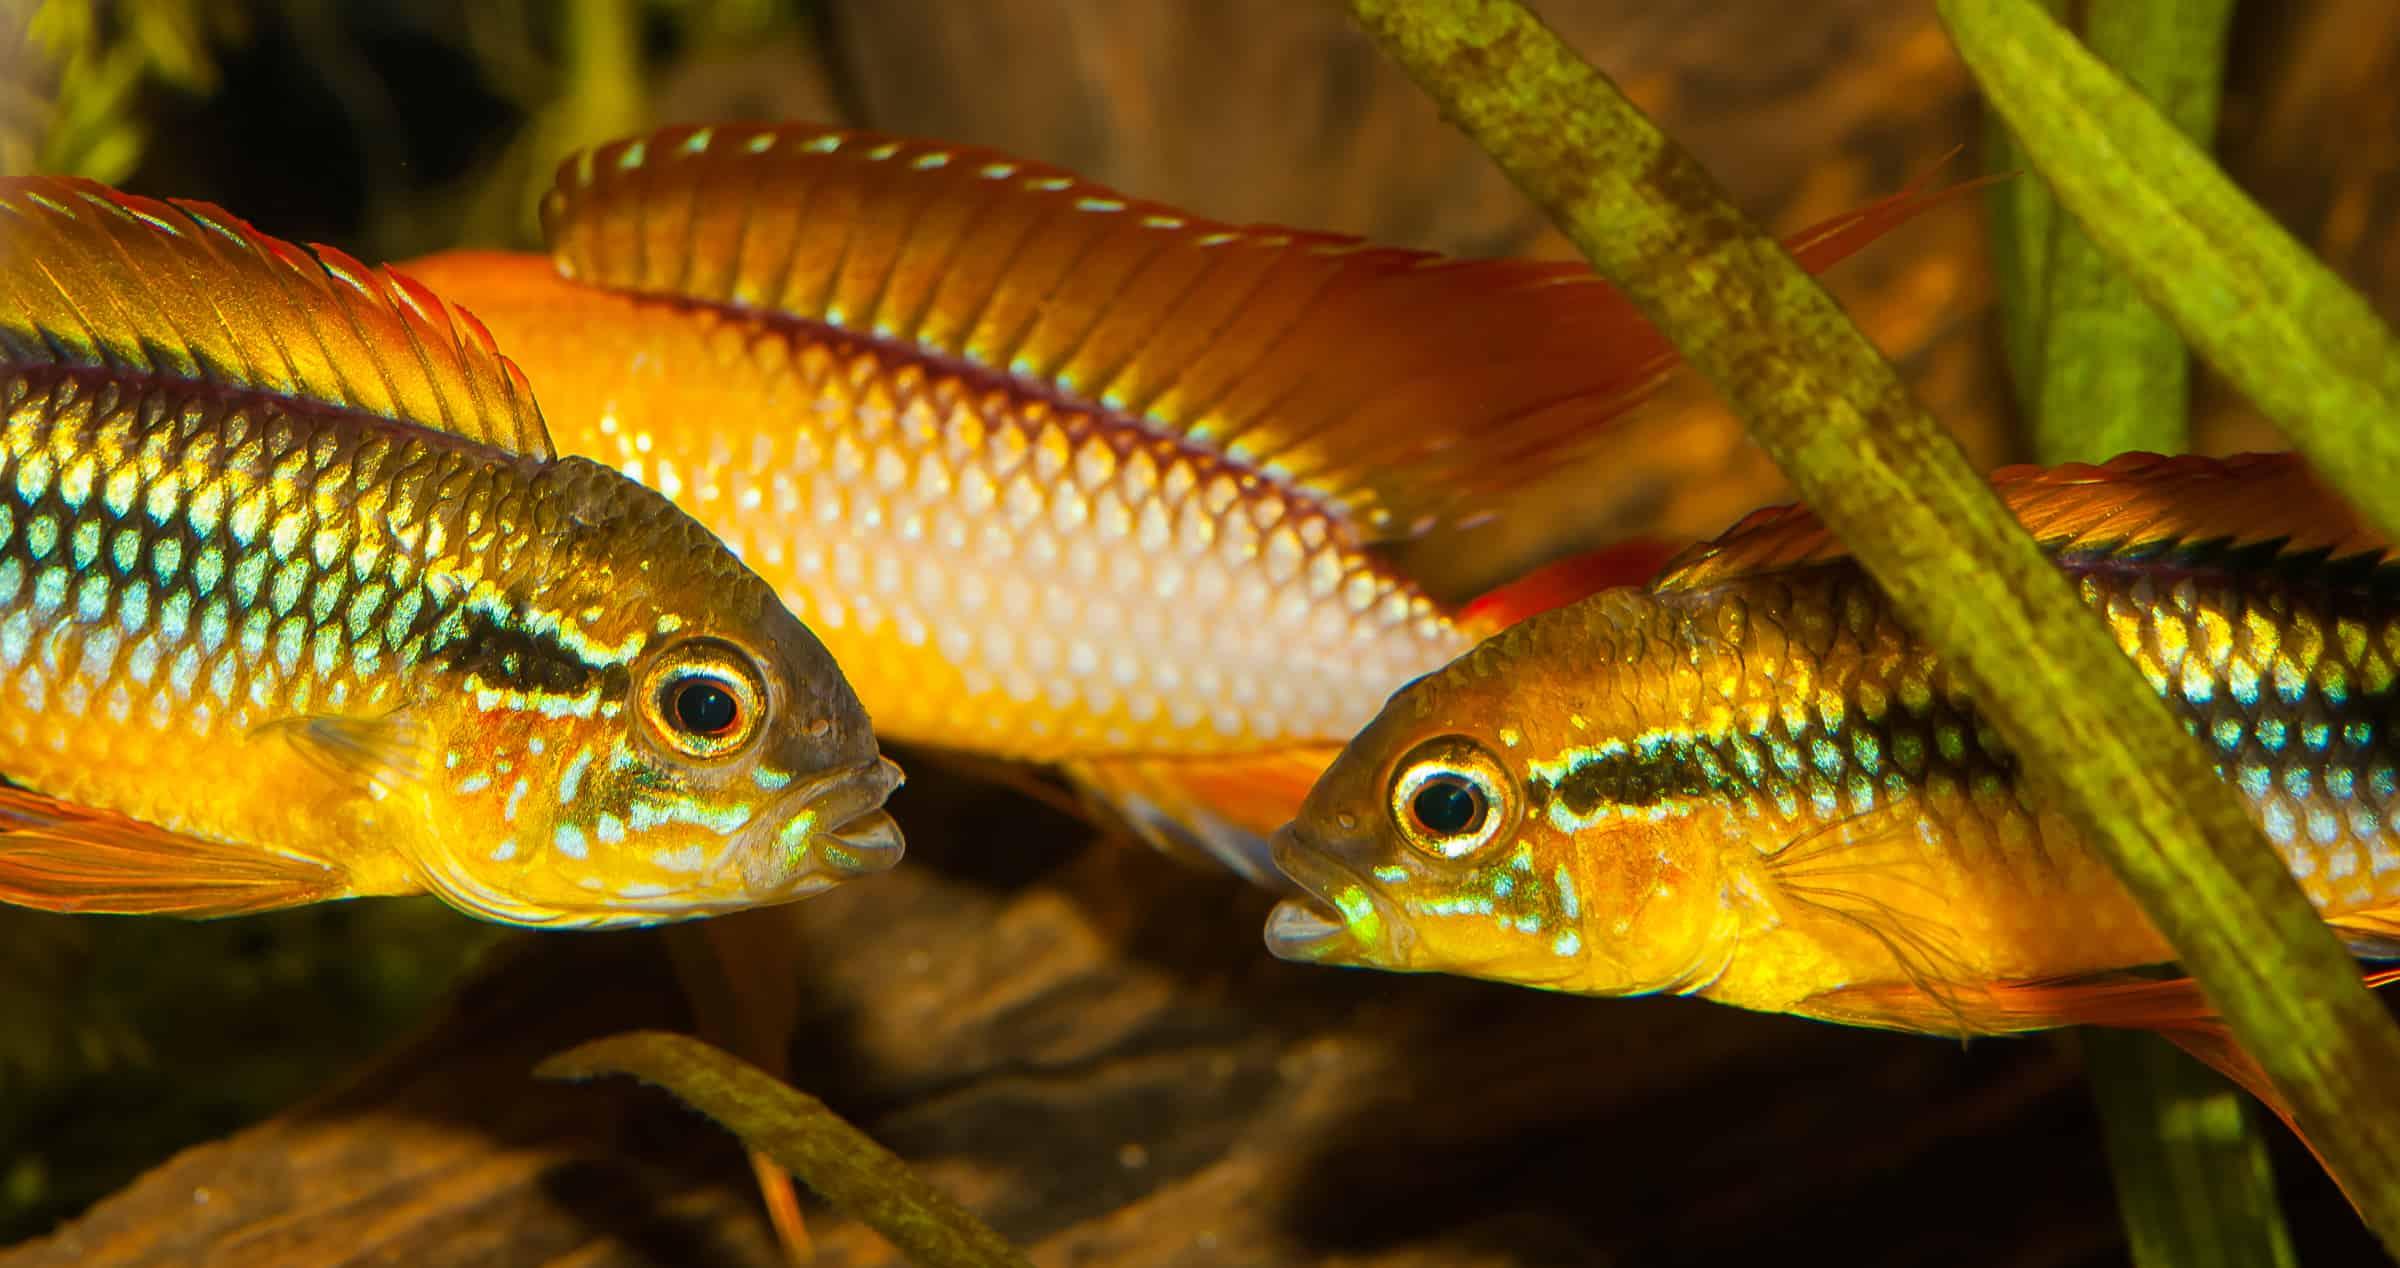 zwergbuntbarsche kleine fische gro in farbe und verhalten my fish. Black Bedroom Furniture Sets. Home Design Ideas